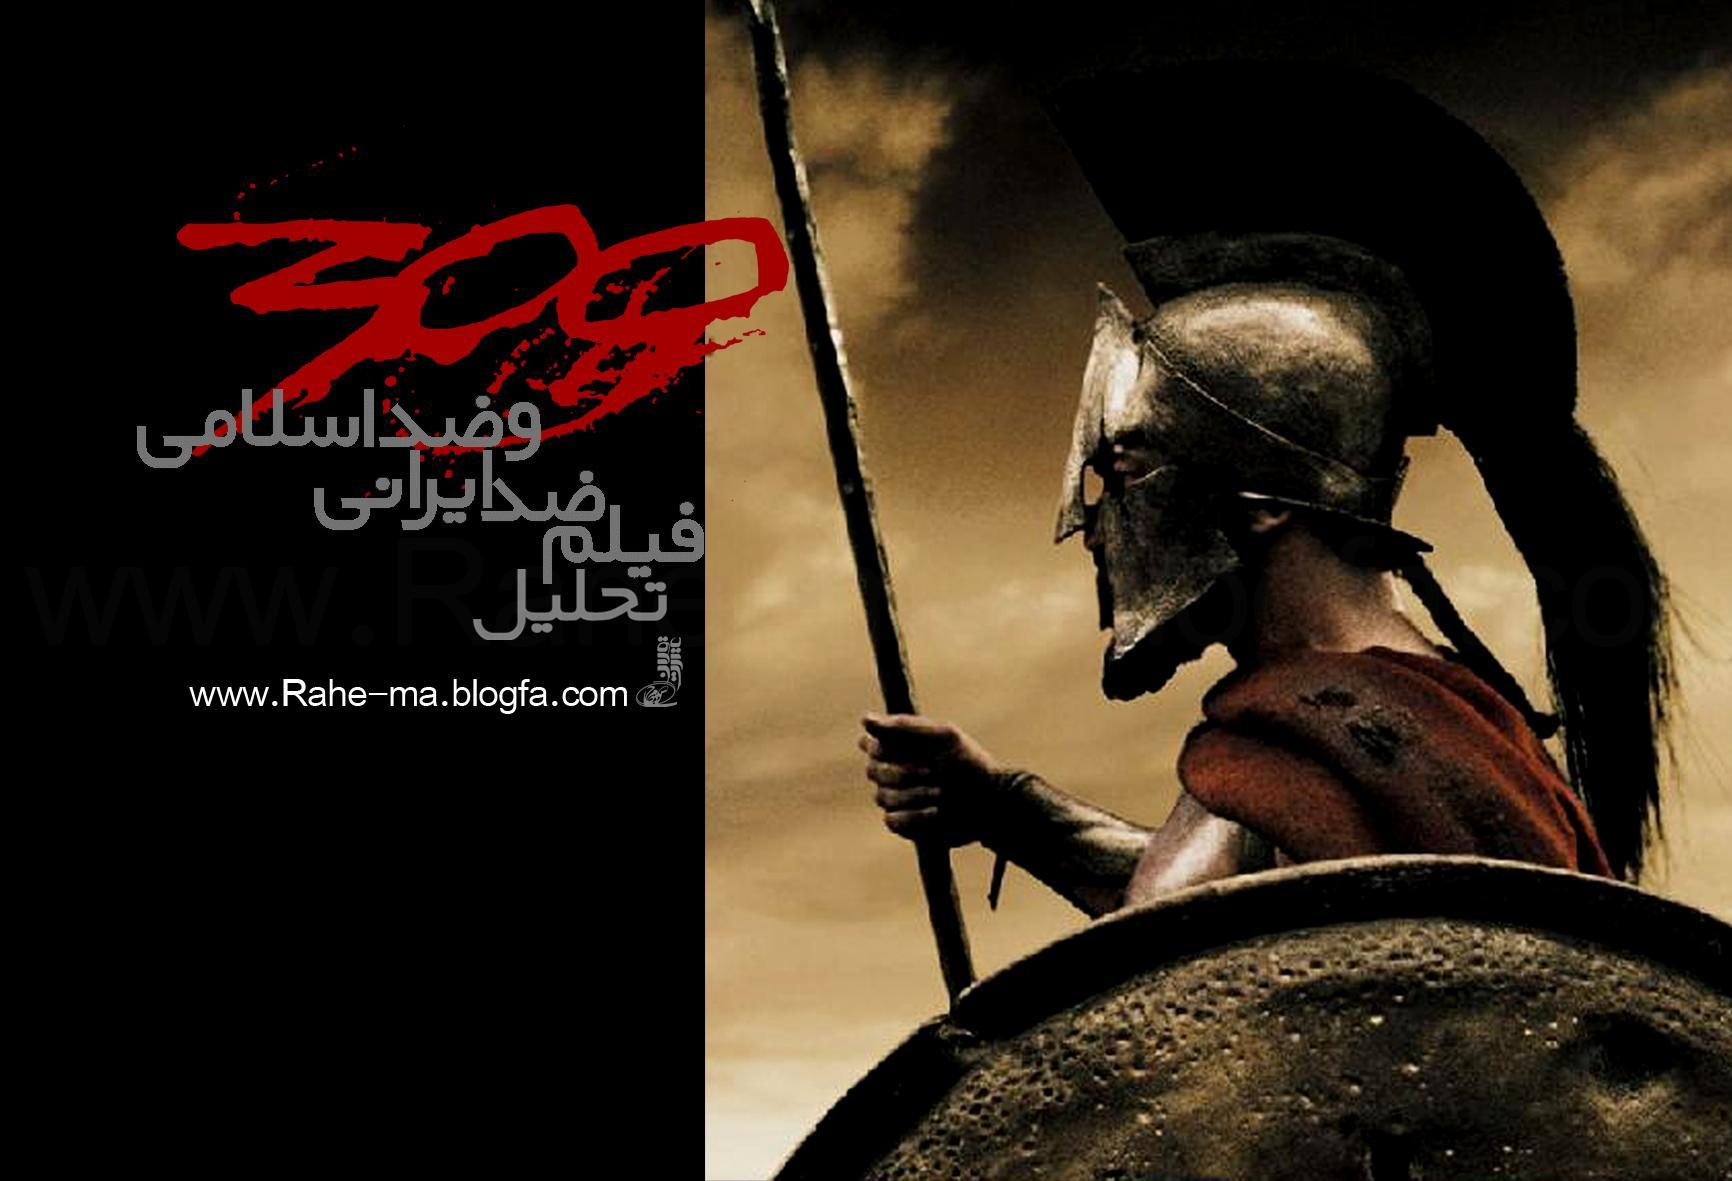 نقد فیلم ضد اسلامی 300